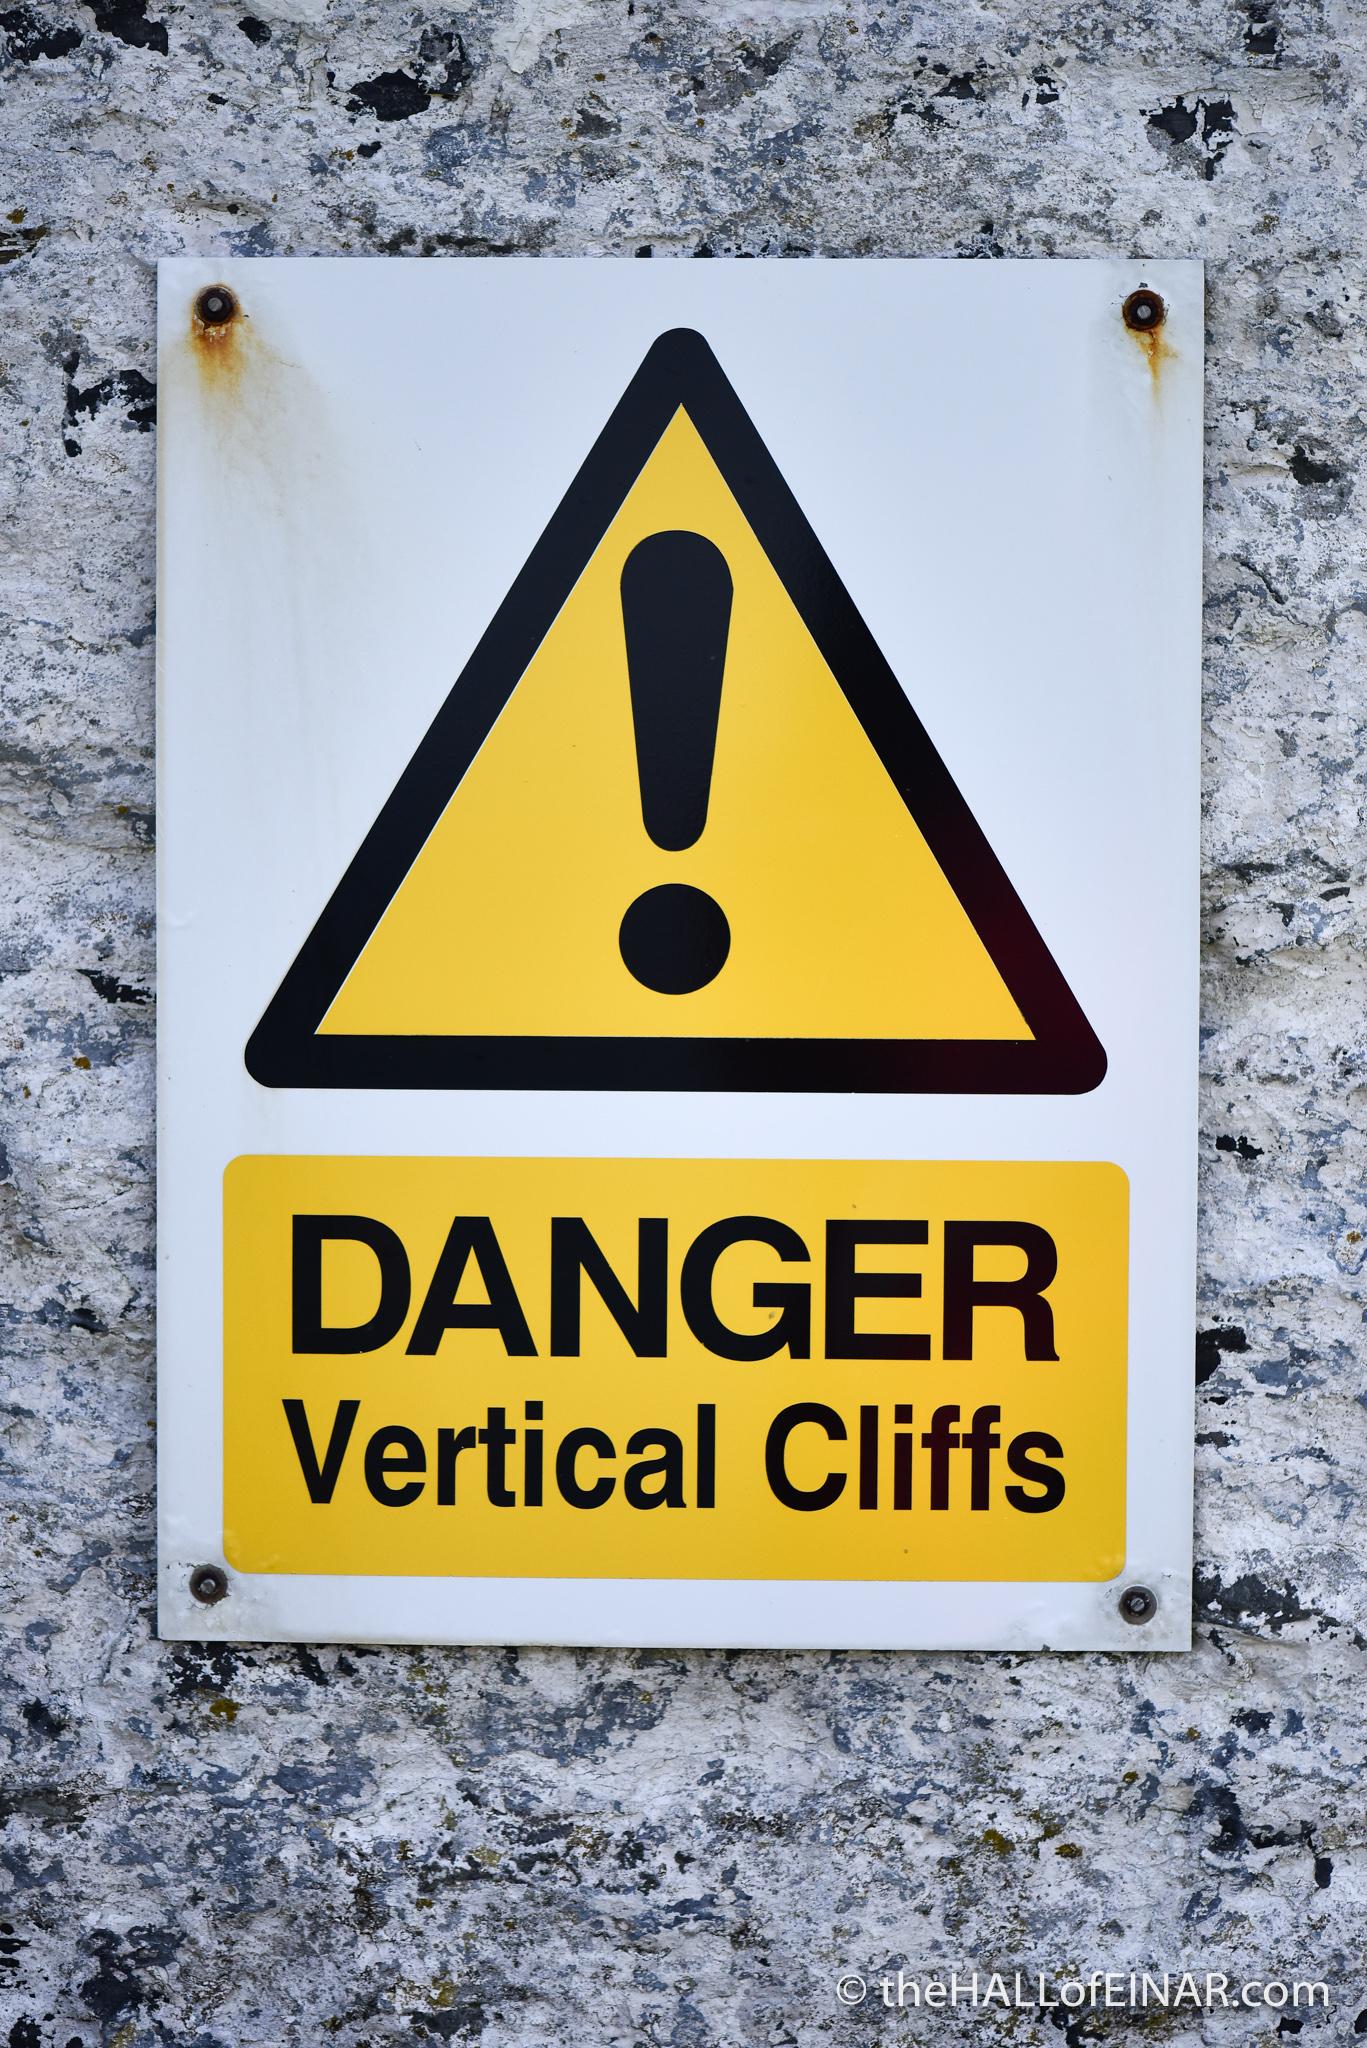 Danger - Vertical Cliffs - photograph copyright David Bailey (not the) 2016